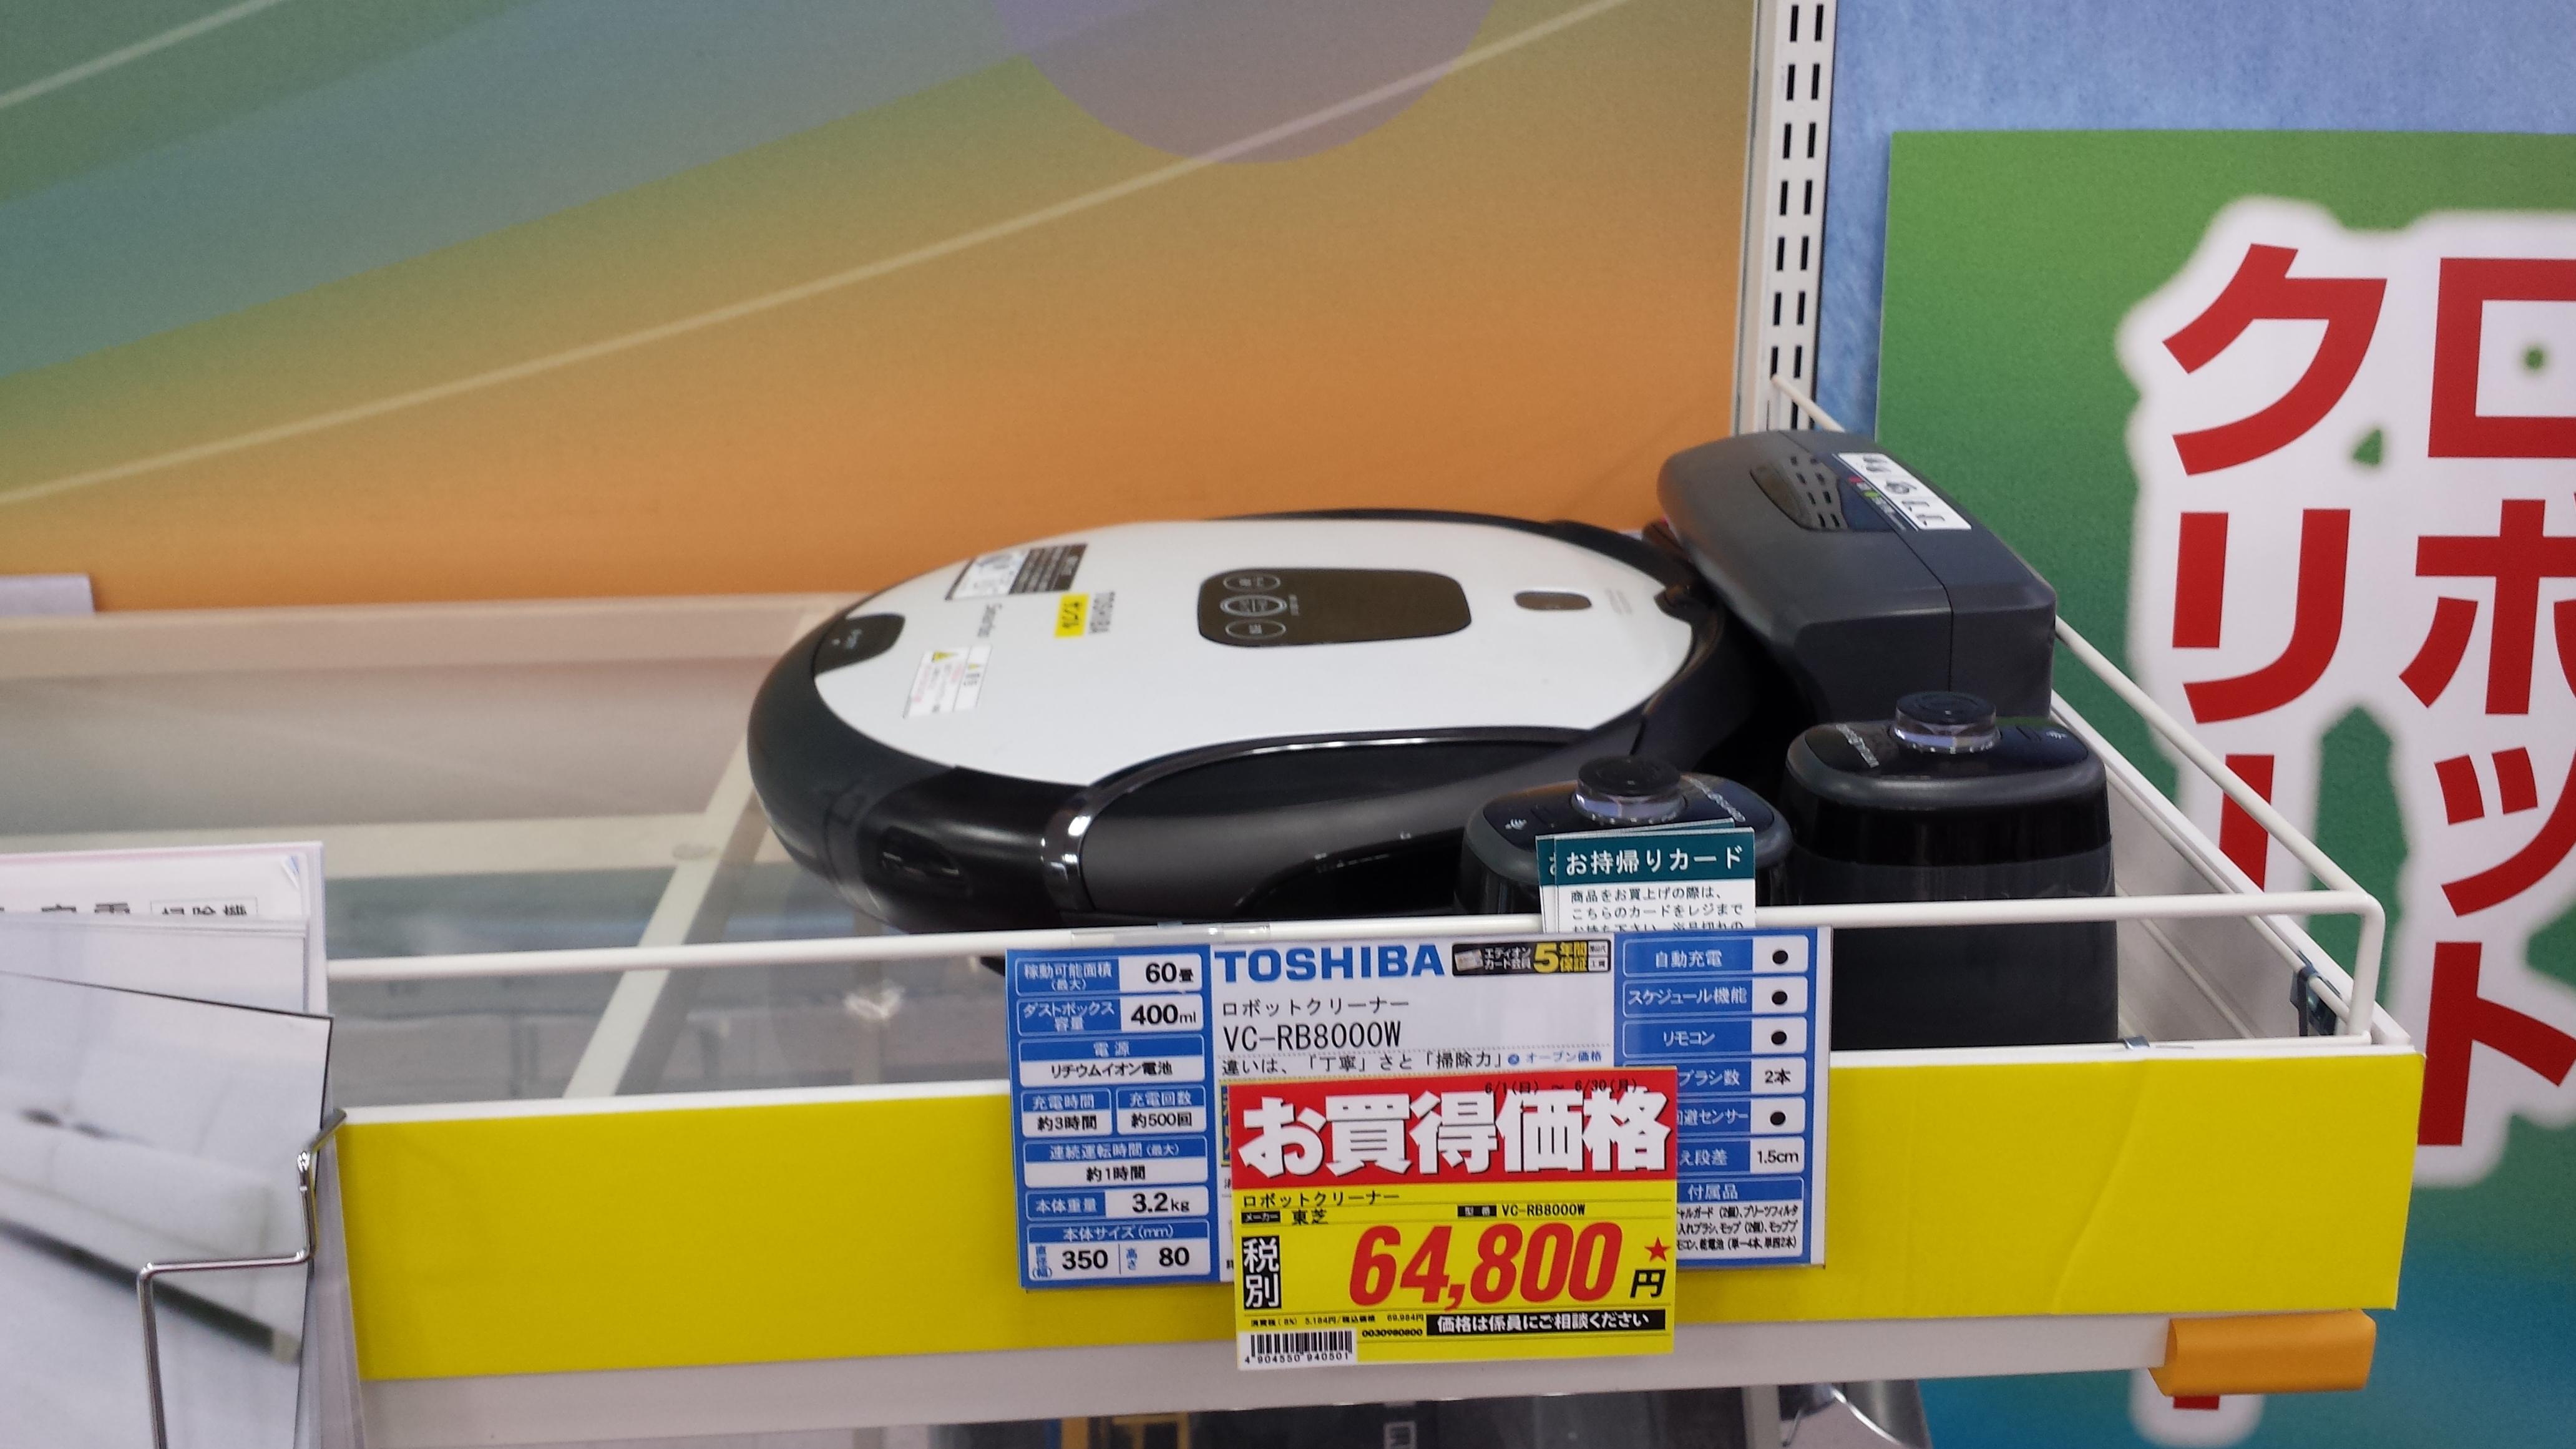 東芝お掃除ロボットの価格